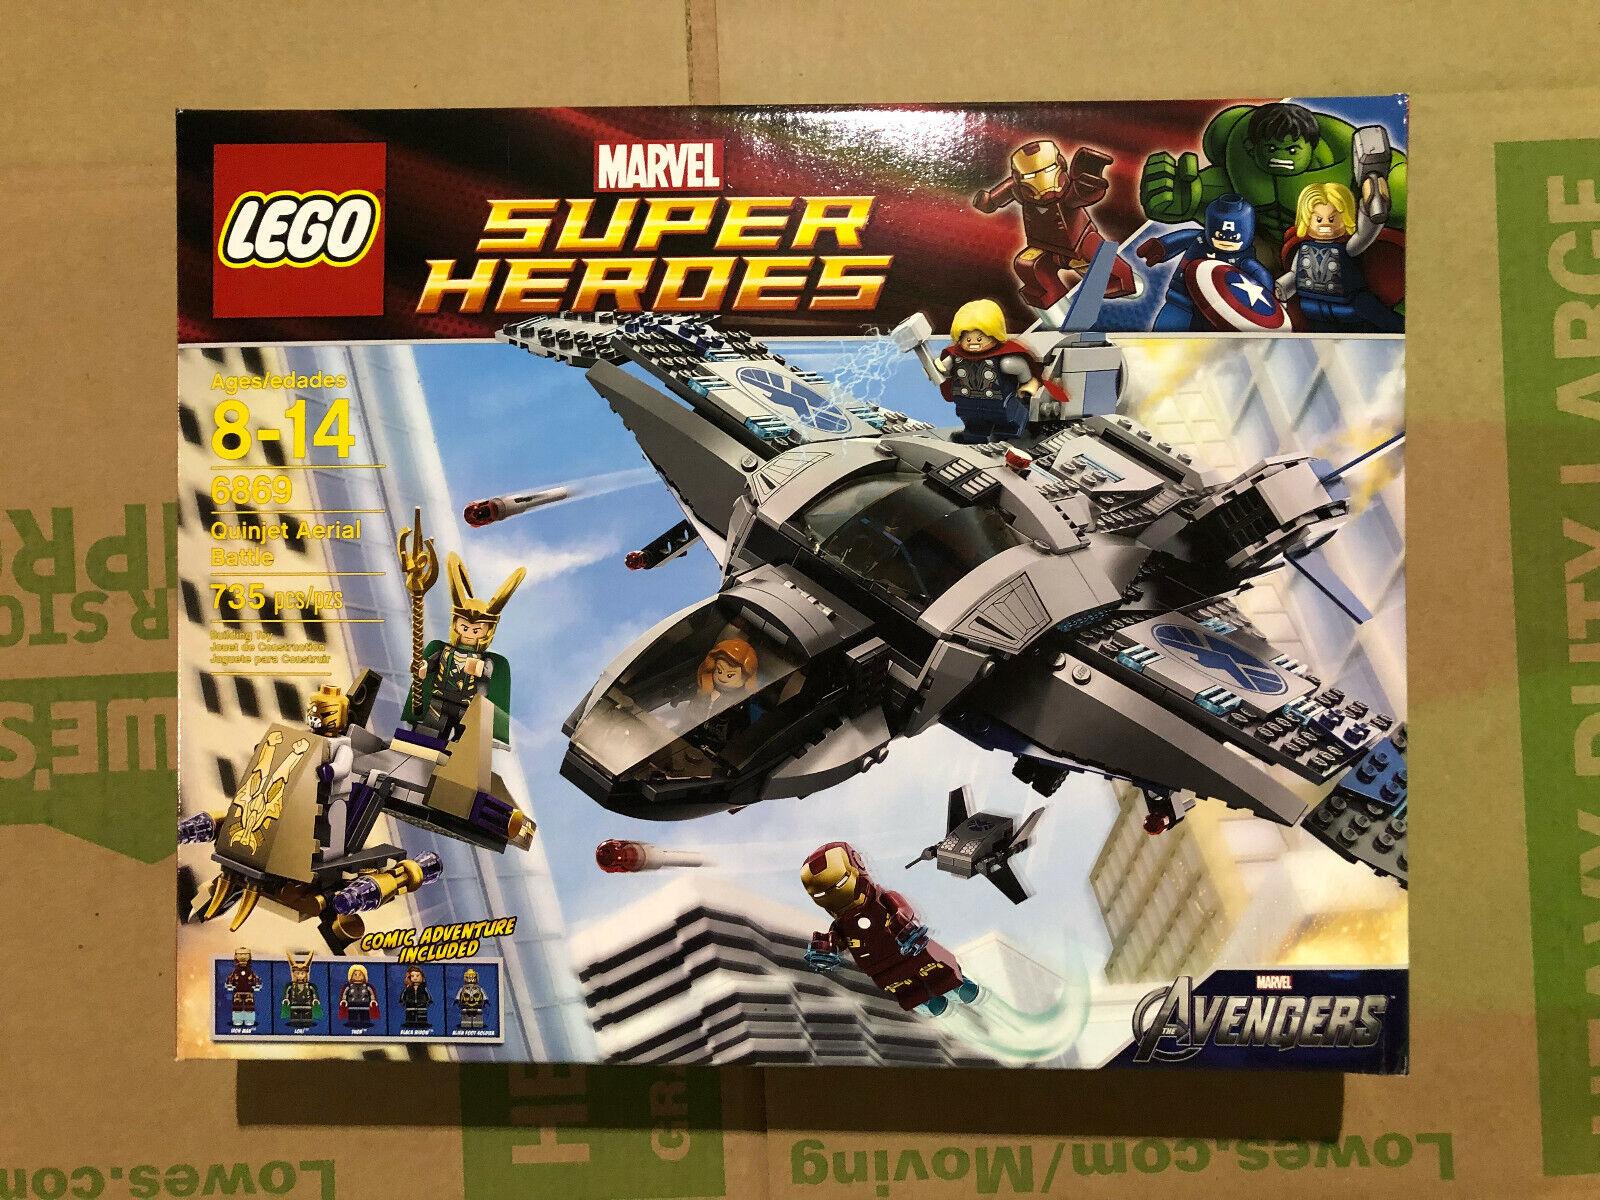 Lego Super Heroes 6869  The Avengers Quinjet Aerial Battle BRe nuovo  miglior prezzo migliore